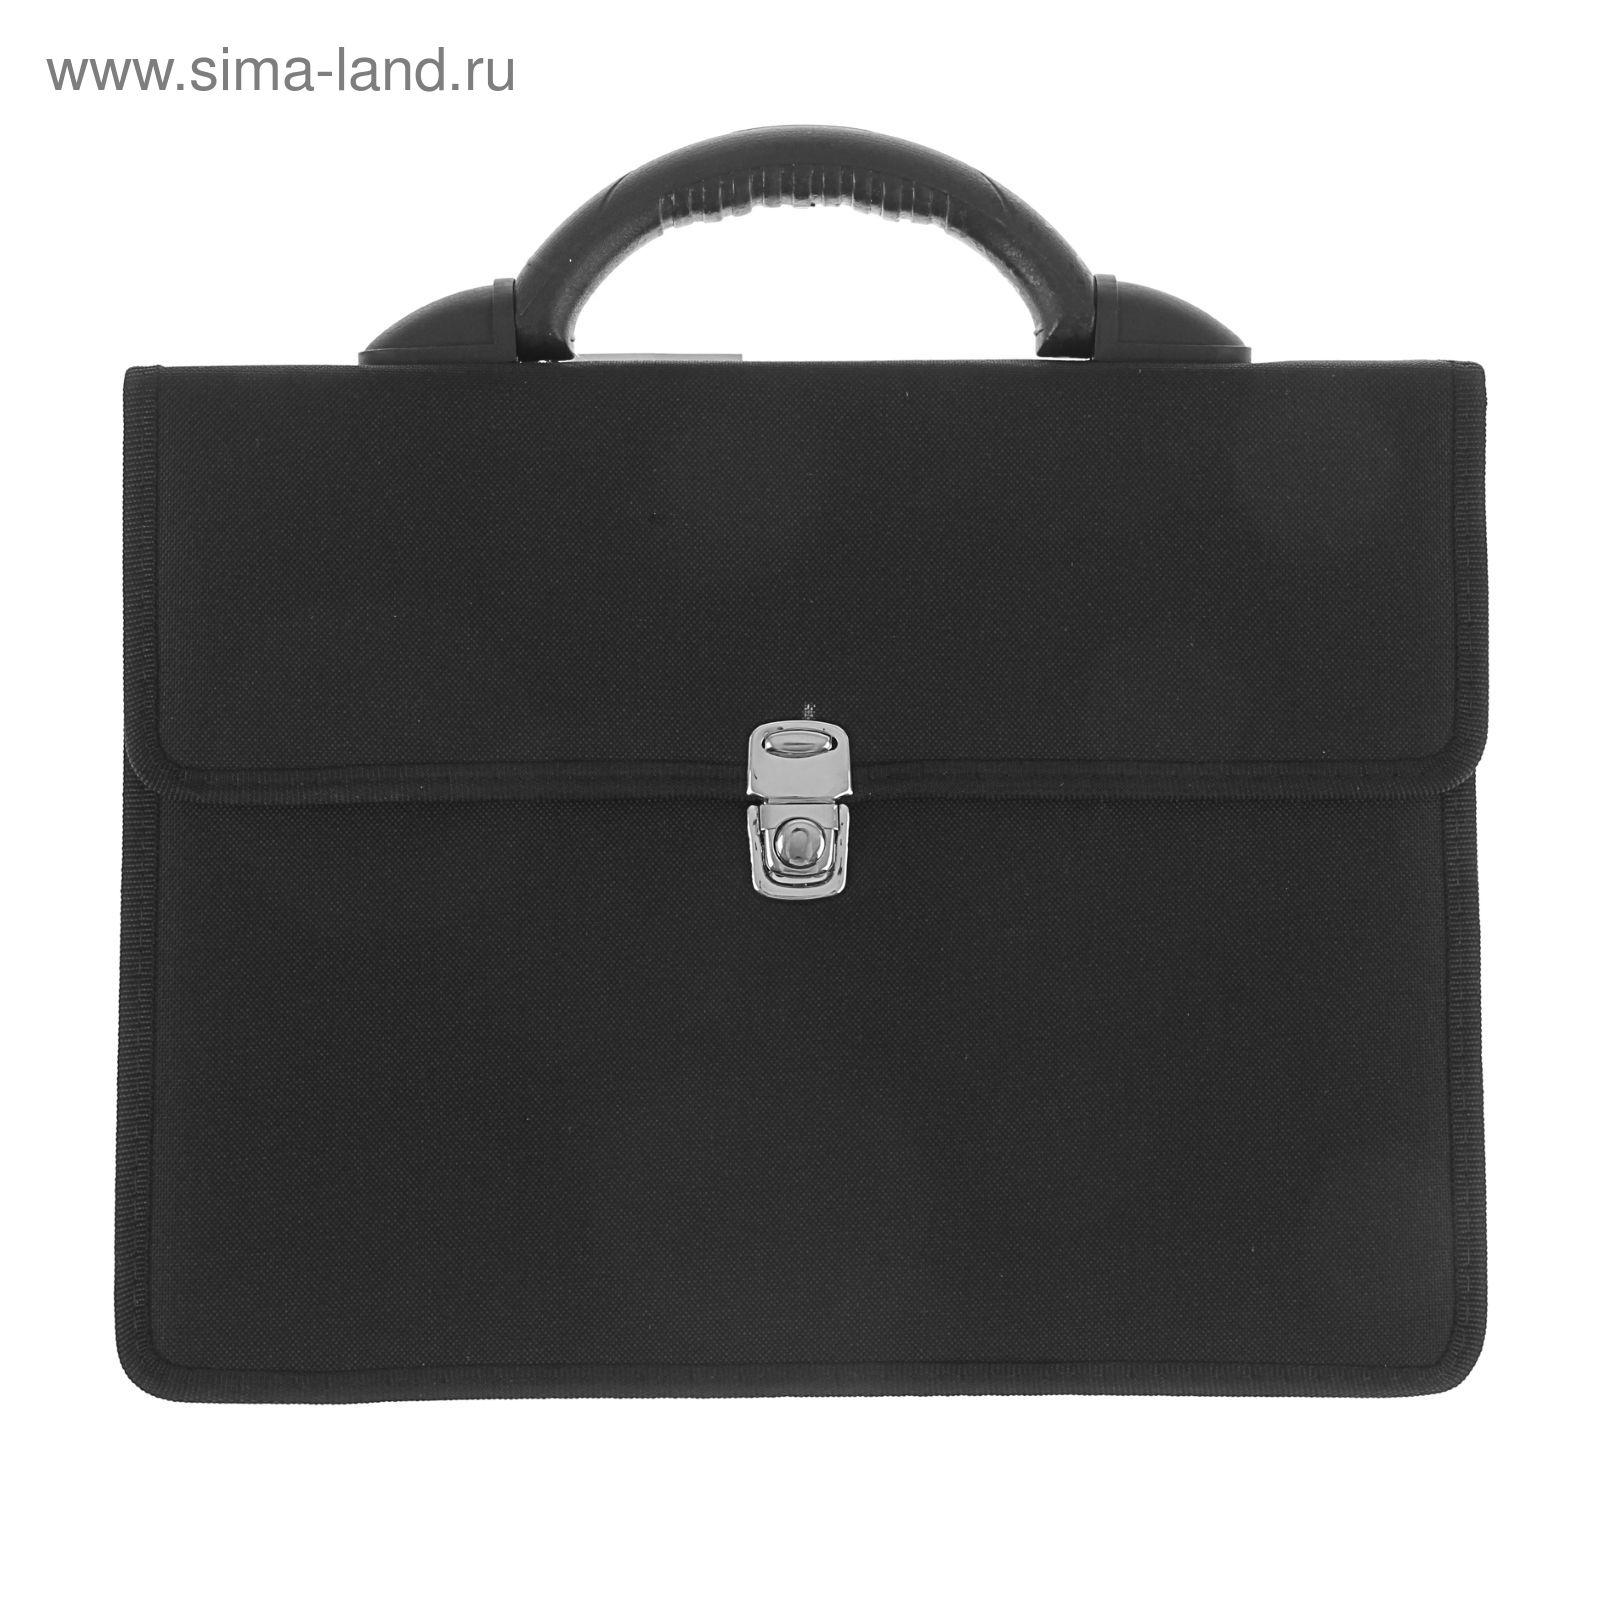 eab57d0aa7c0 Портфель деловой «Выборг», 350 х 260 х 10 мм, цвет чёрный (1С11 ...